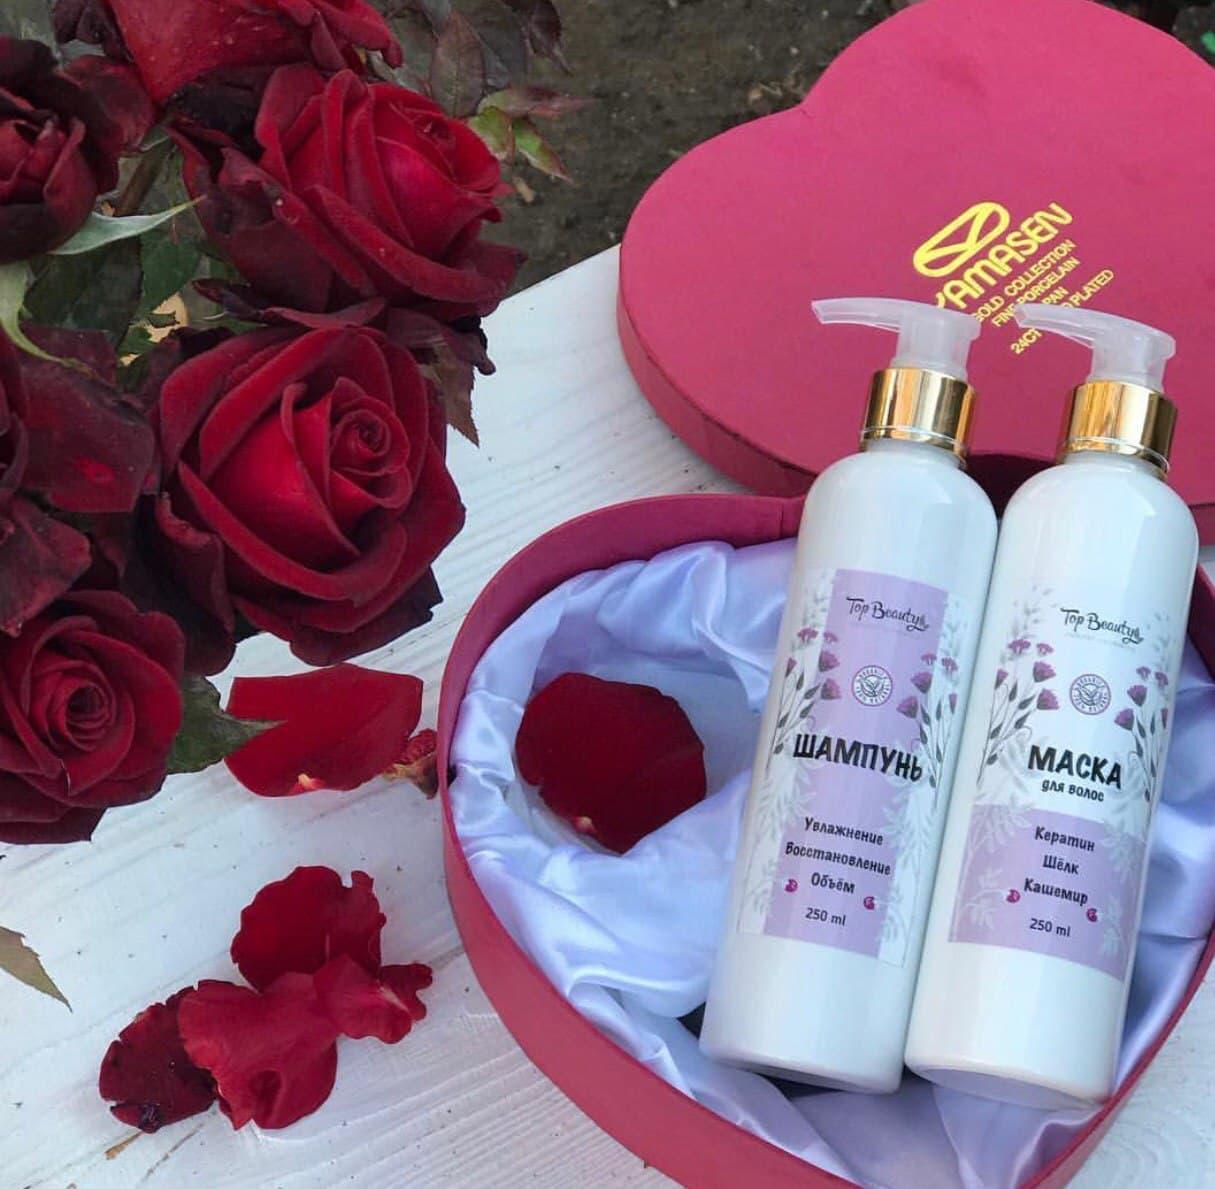 Шампунь для волос Top Beauty Кератин-Шёлк-Кашемир 250мл